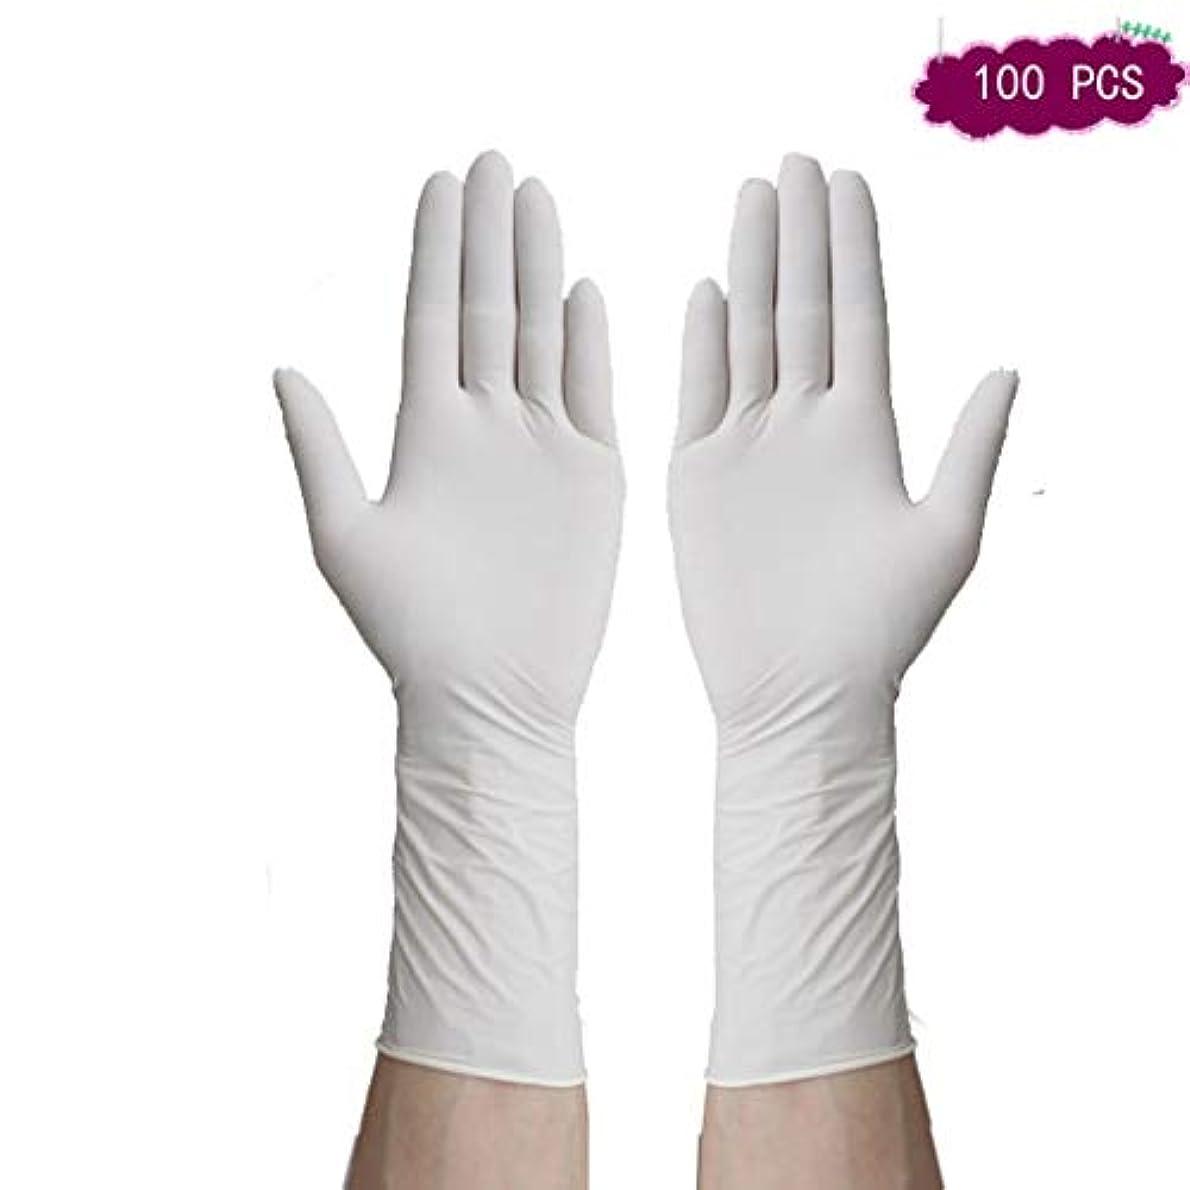 メイン粘着性写真滑り止めの摩耗手袋厚み付けないパウダーのための長い袖口と使い捨てラテックス手袋ニトリル12インチの保護手袋 (Size : S)